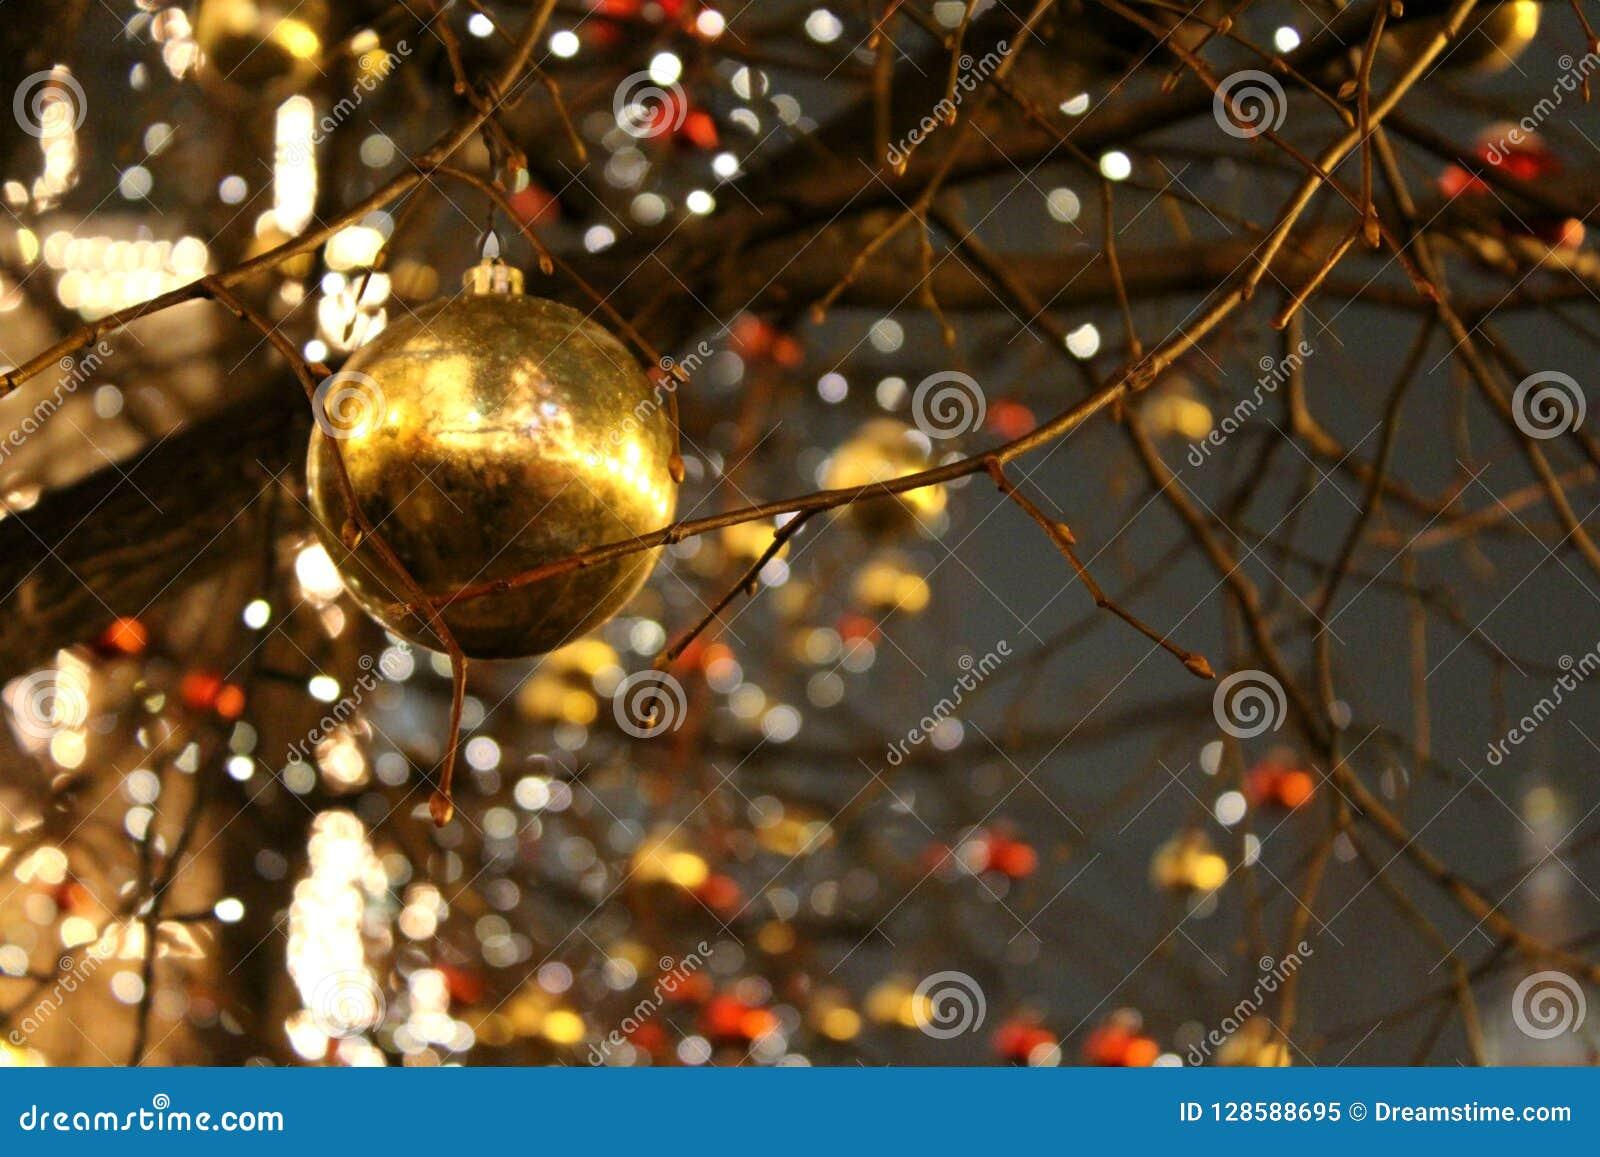 没有叶子的树用在红色和金子颜色特写镜头formof球的圣诞节装饰装饰